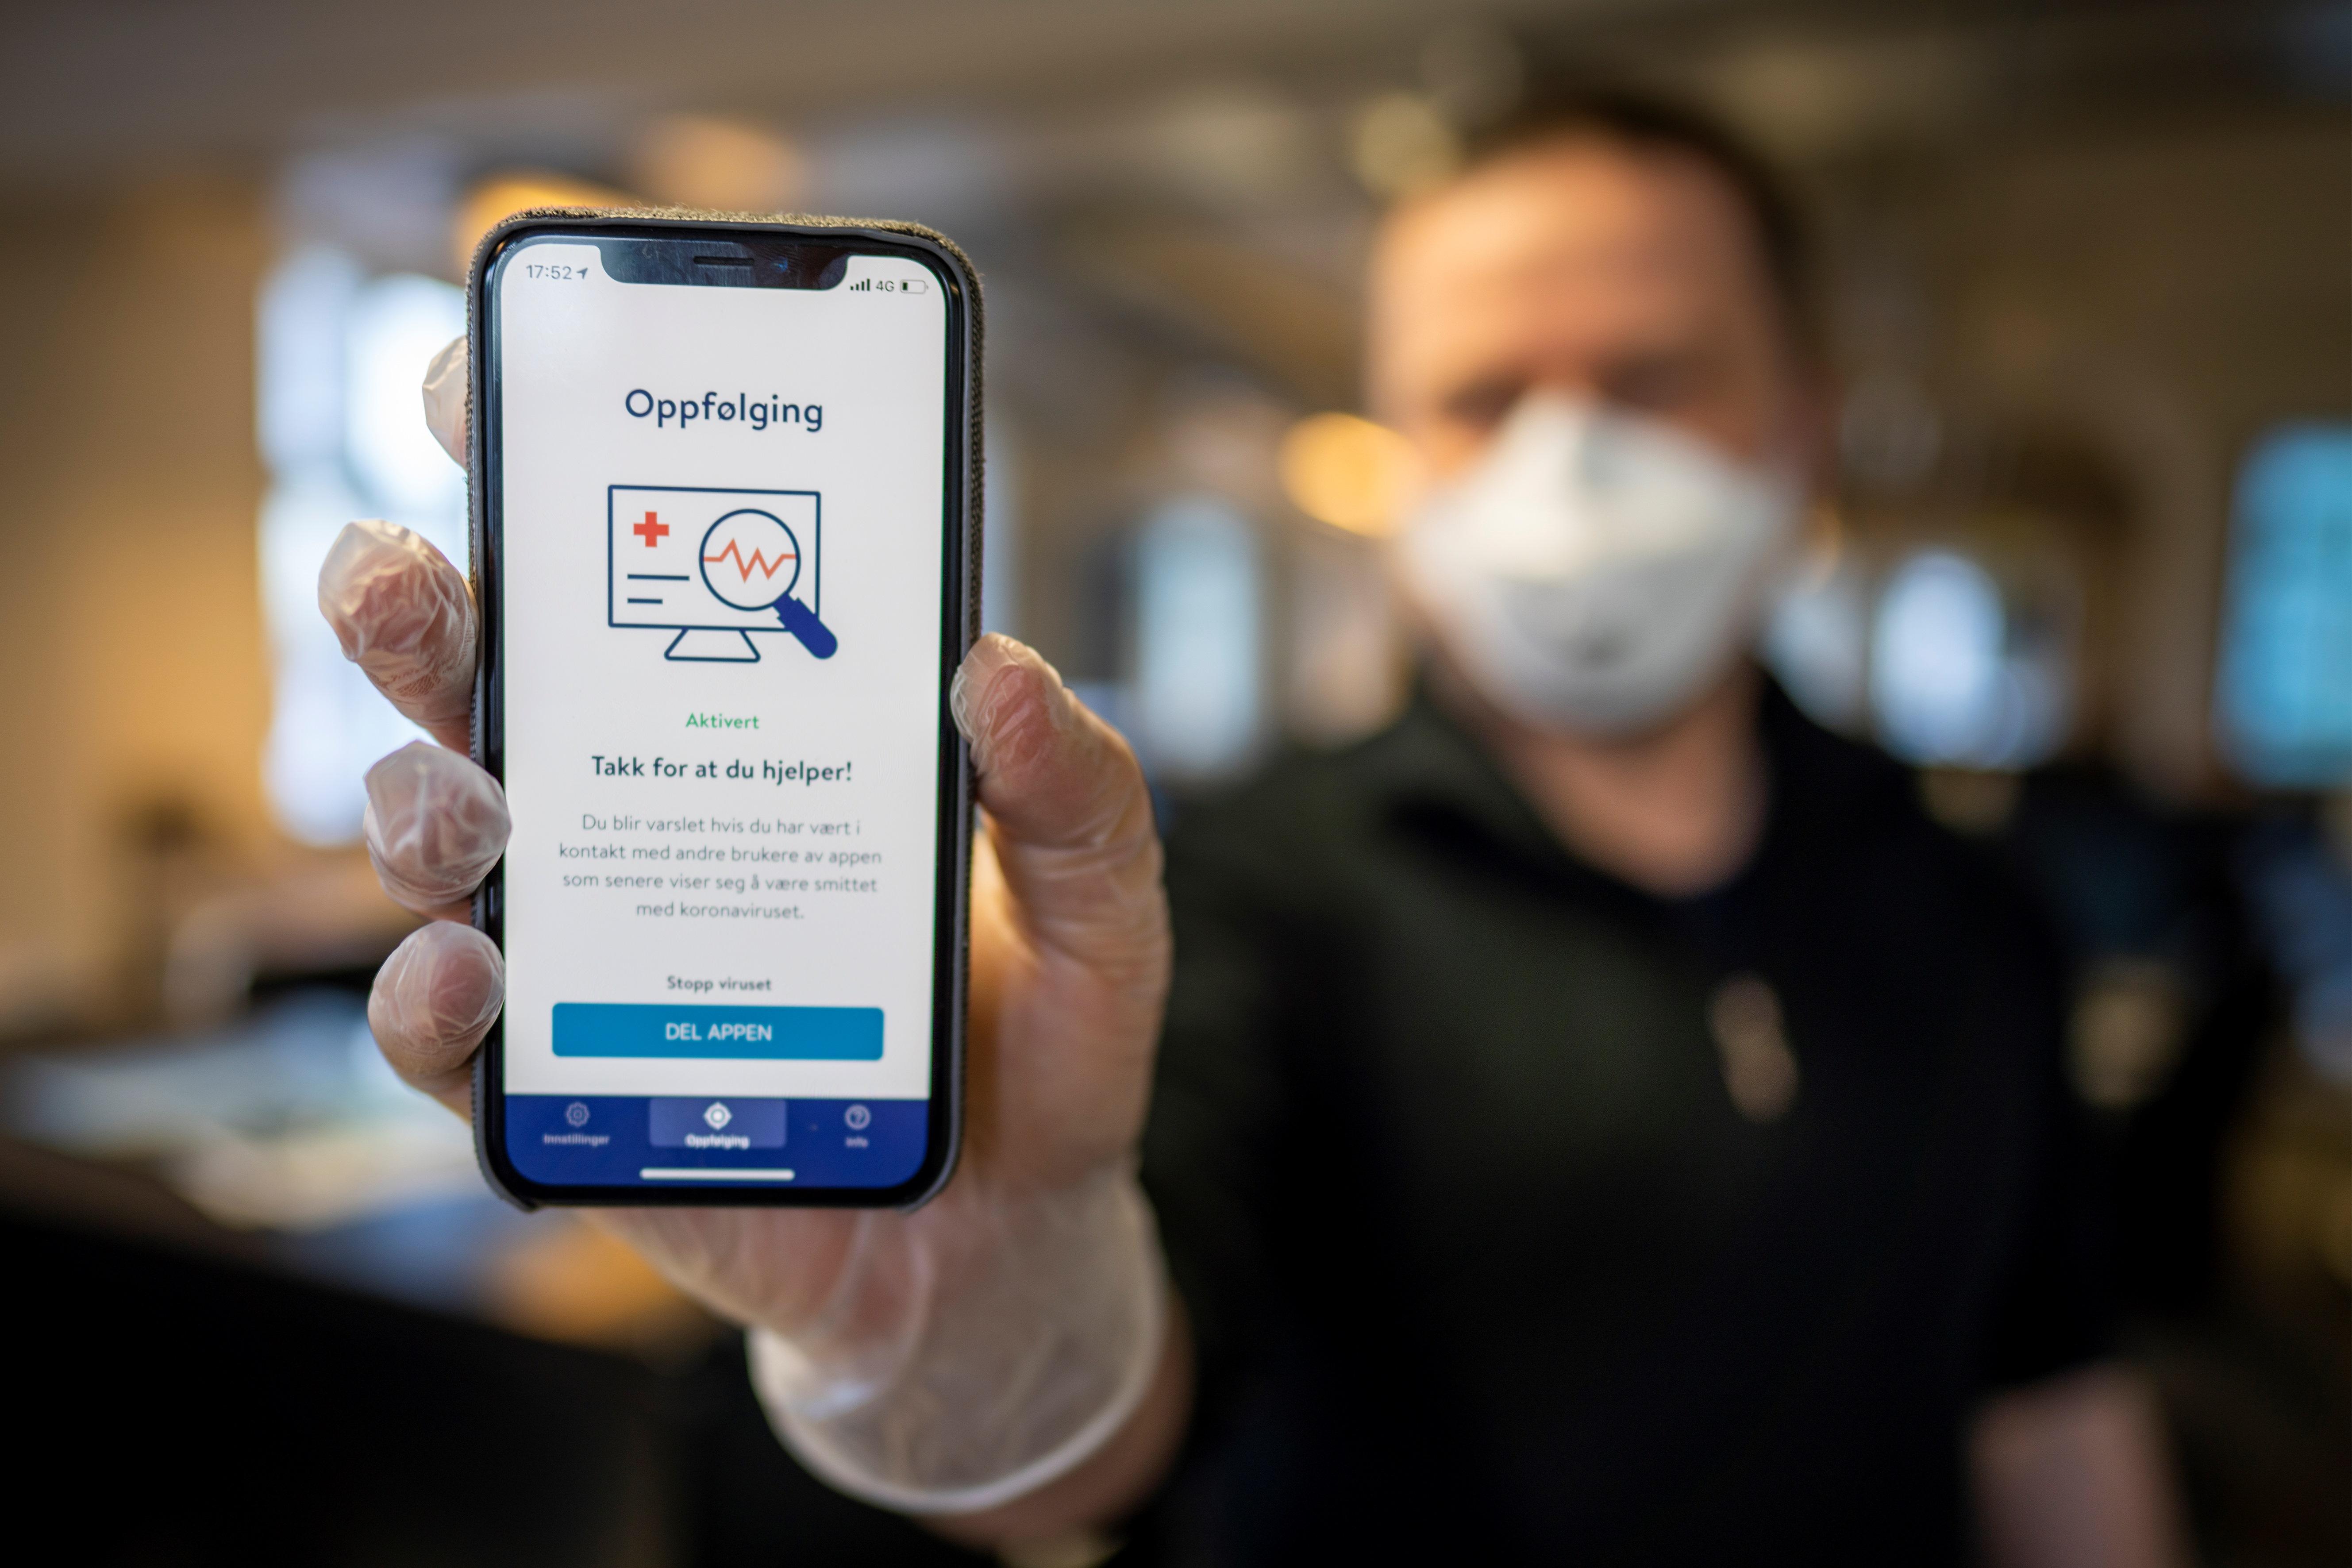 Norvégiában adatvédelmi okból felfüggesztik a járványt követő alkalmazás használatát